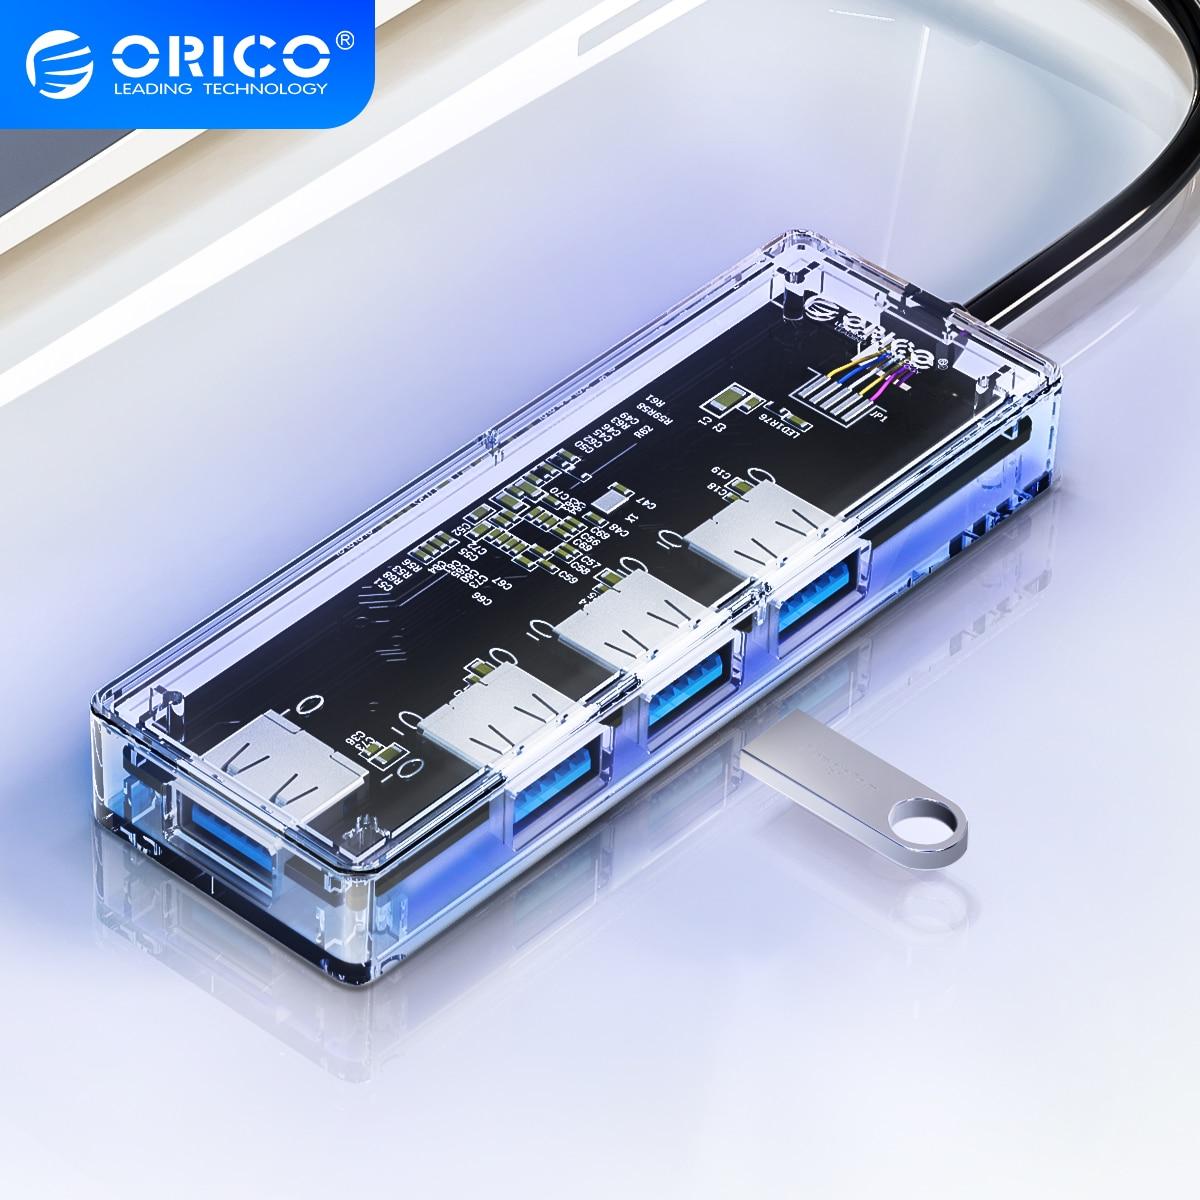 Прозрачный концентратор USB 3,0 ORICO, высокоскоростной Разветвитель USB с 4 портами, устройство для чтения карт SD, TF, OTG, адаптер для ПК, компьютерны...